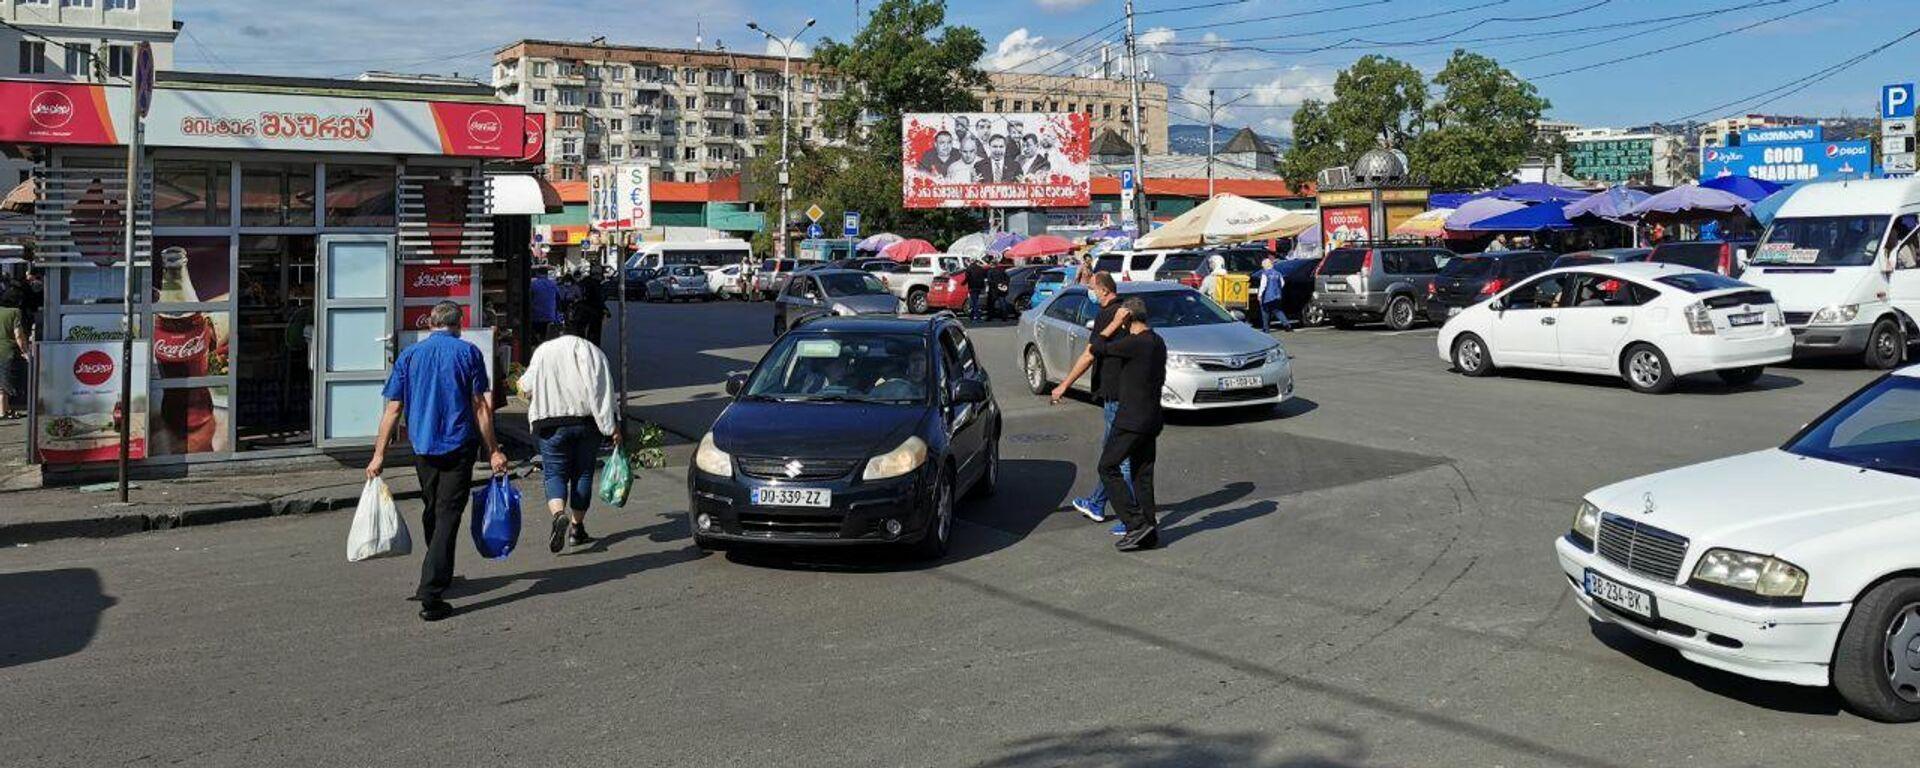 Кровавые баннеры на тбилисских улицах, предвыборная реклама. Вокзальная площадь - Sputnik Грузия, 1920, 20.09.2021